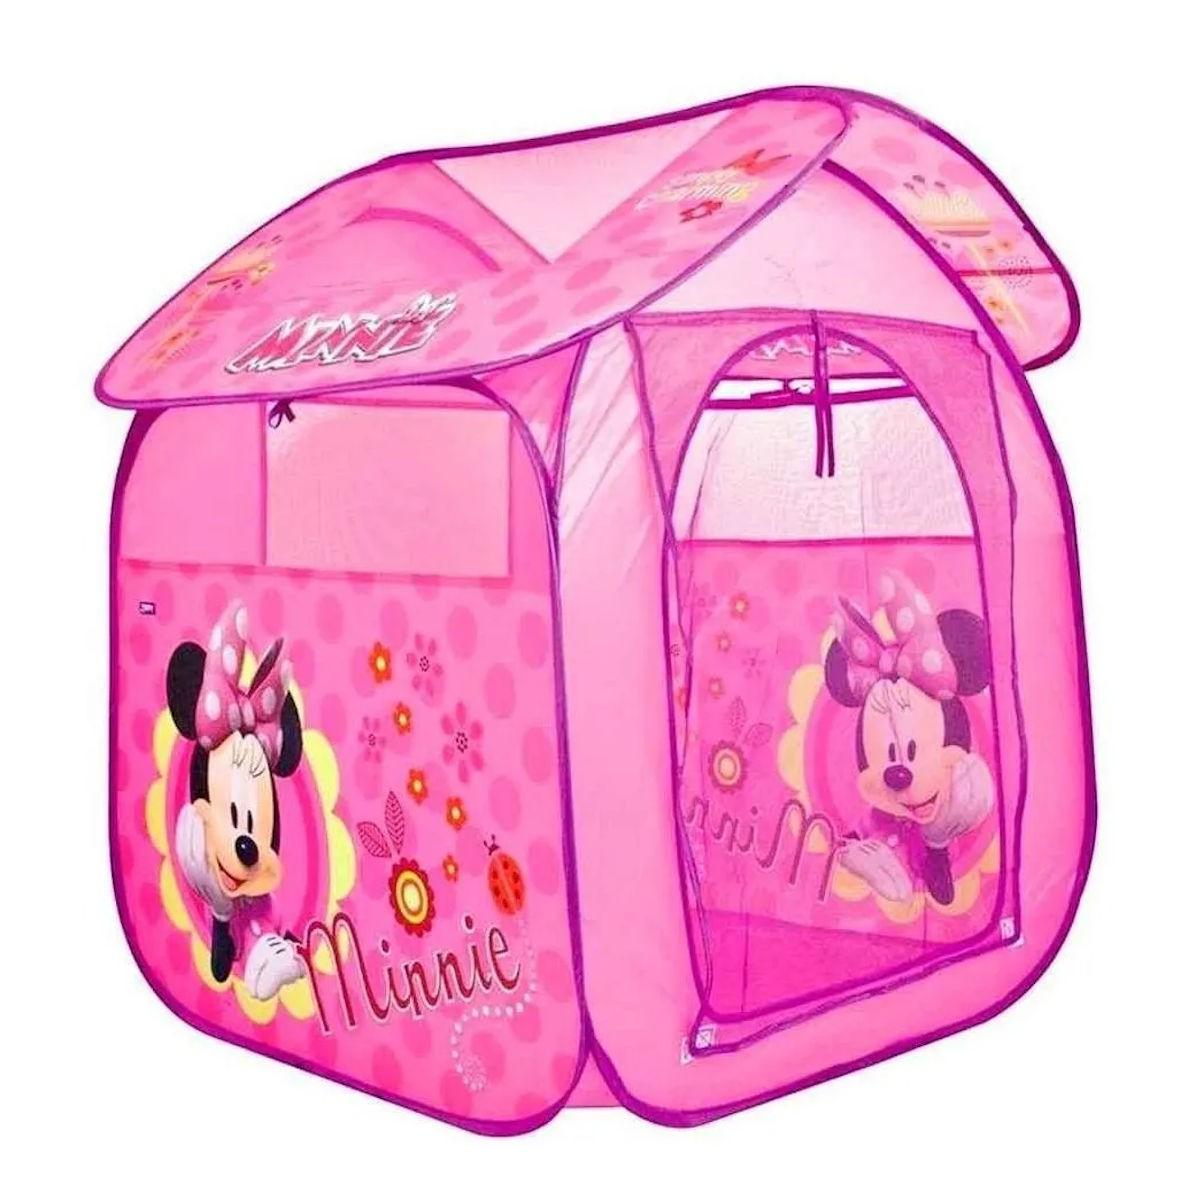 Barraca Portátil Casa da Minnie Dobrável Infantil Zippy